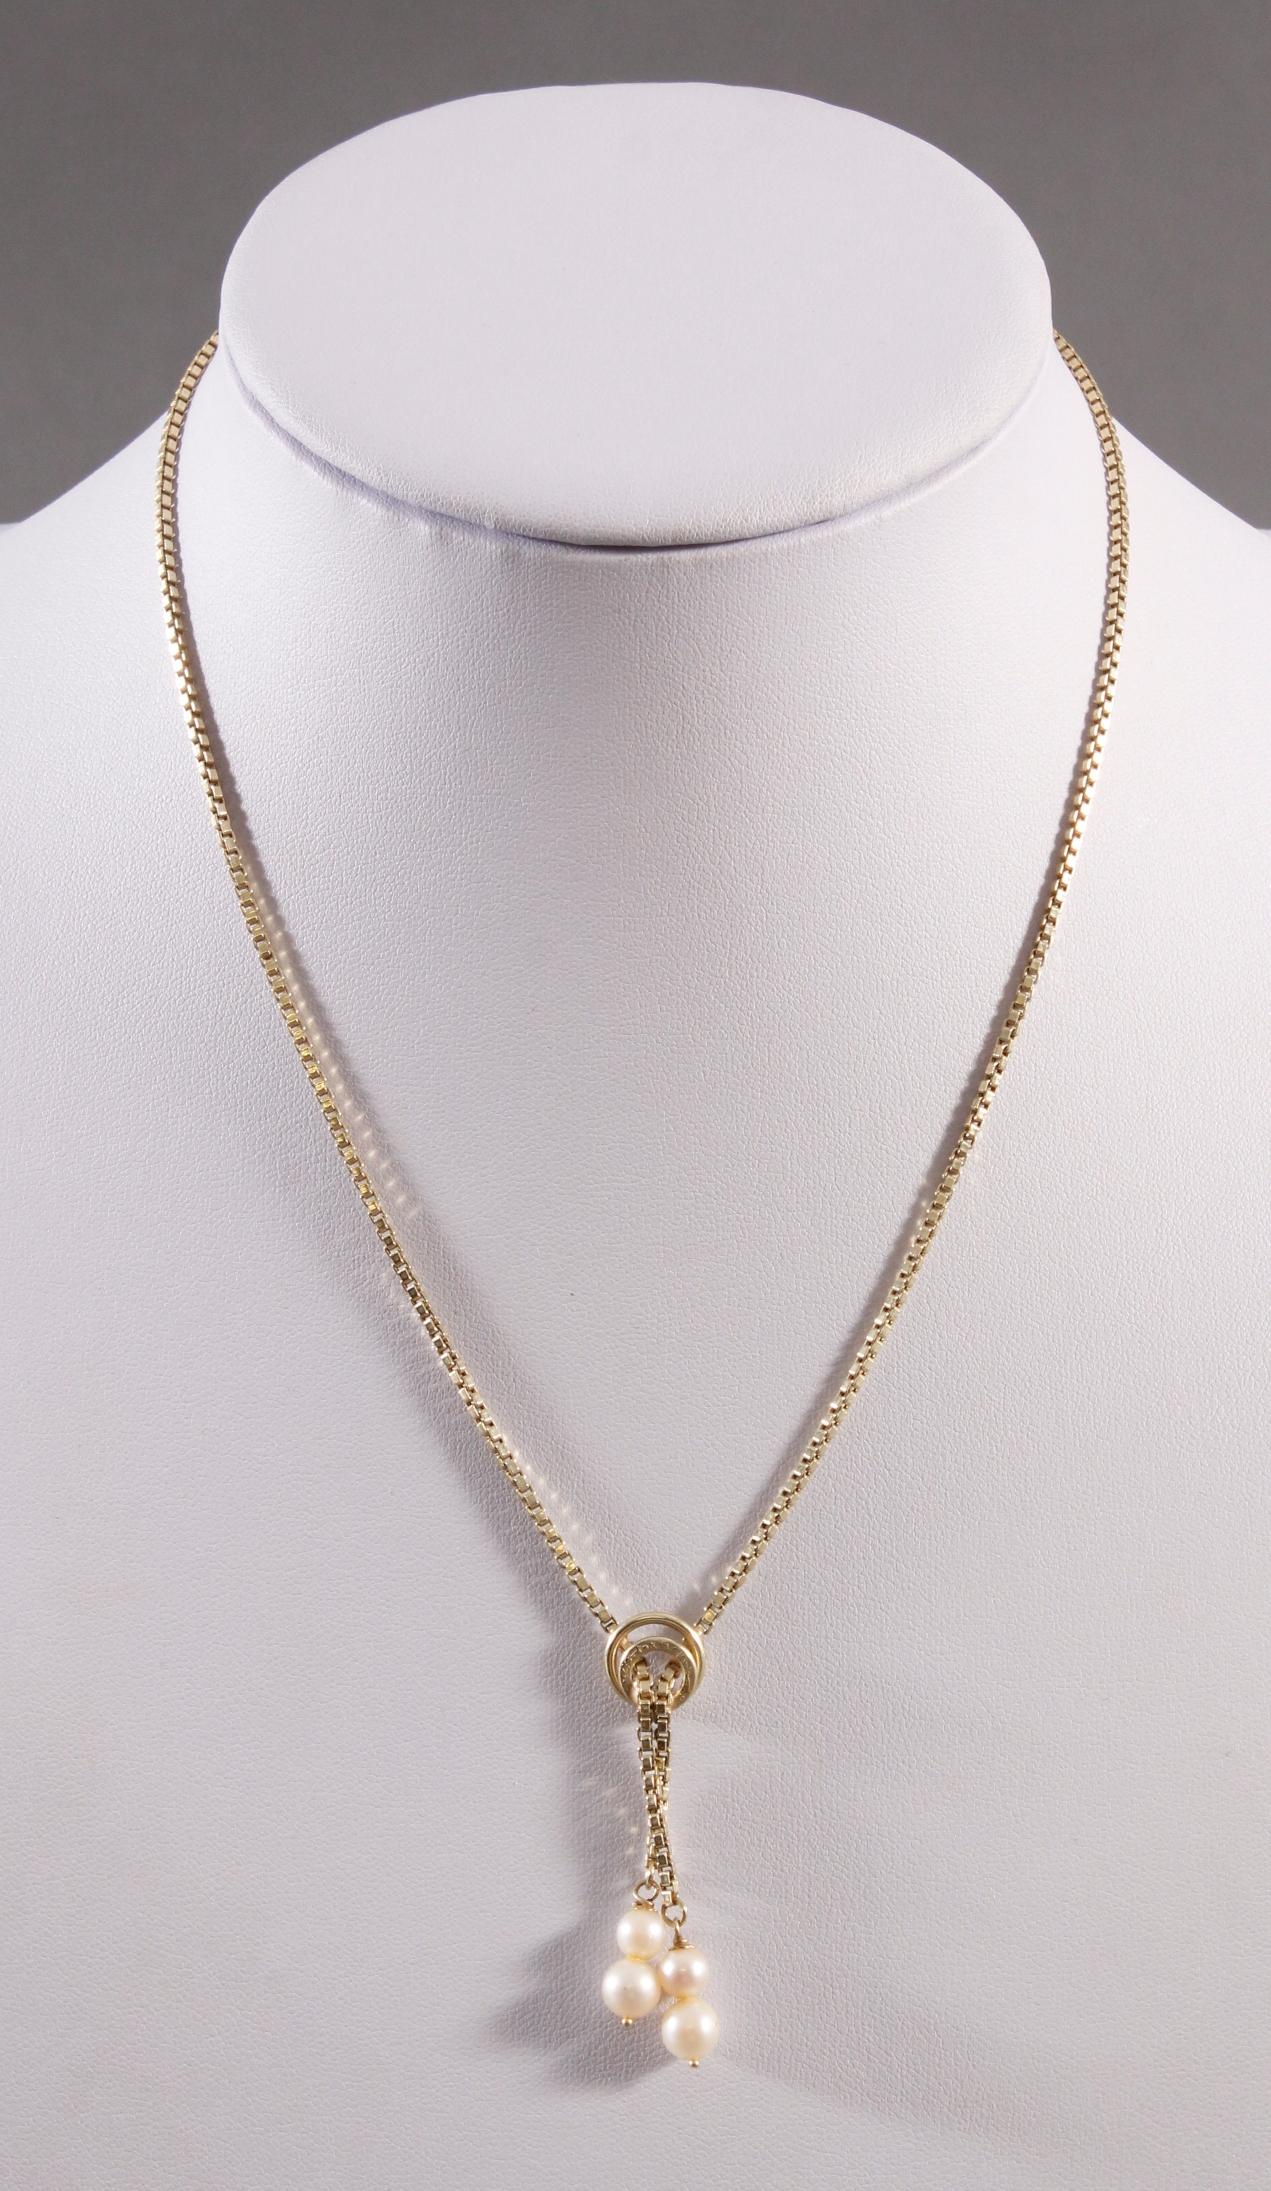 Collier mit Perlen aus 14 Karat Gelbgold